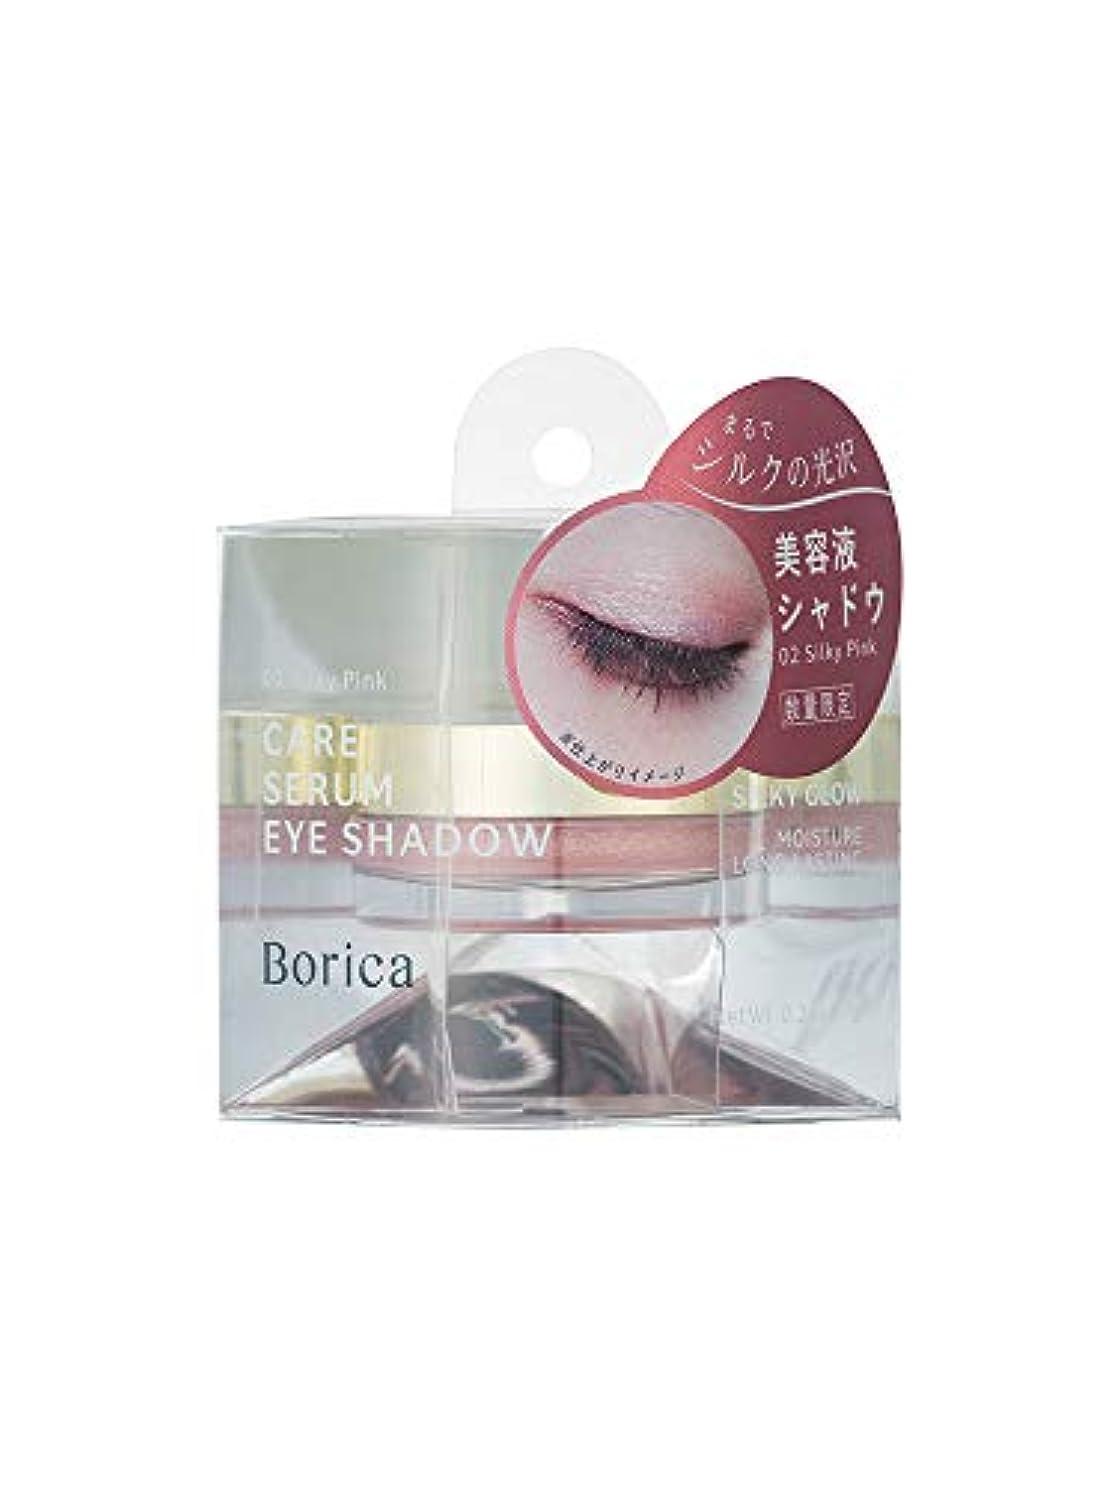 フィードオン制限通訳Borica 美容液ケアアイシャドウ<シルキーグロウ02(02 Silky Pink)>